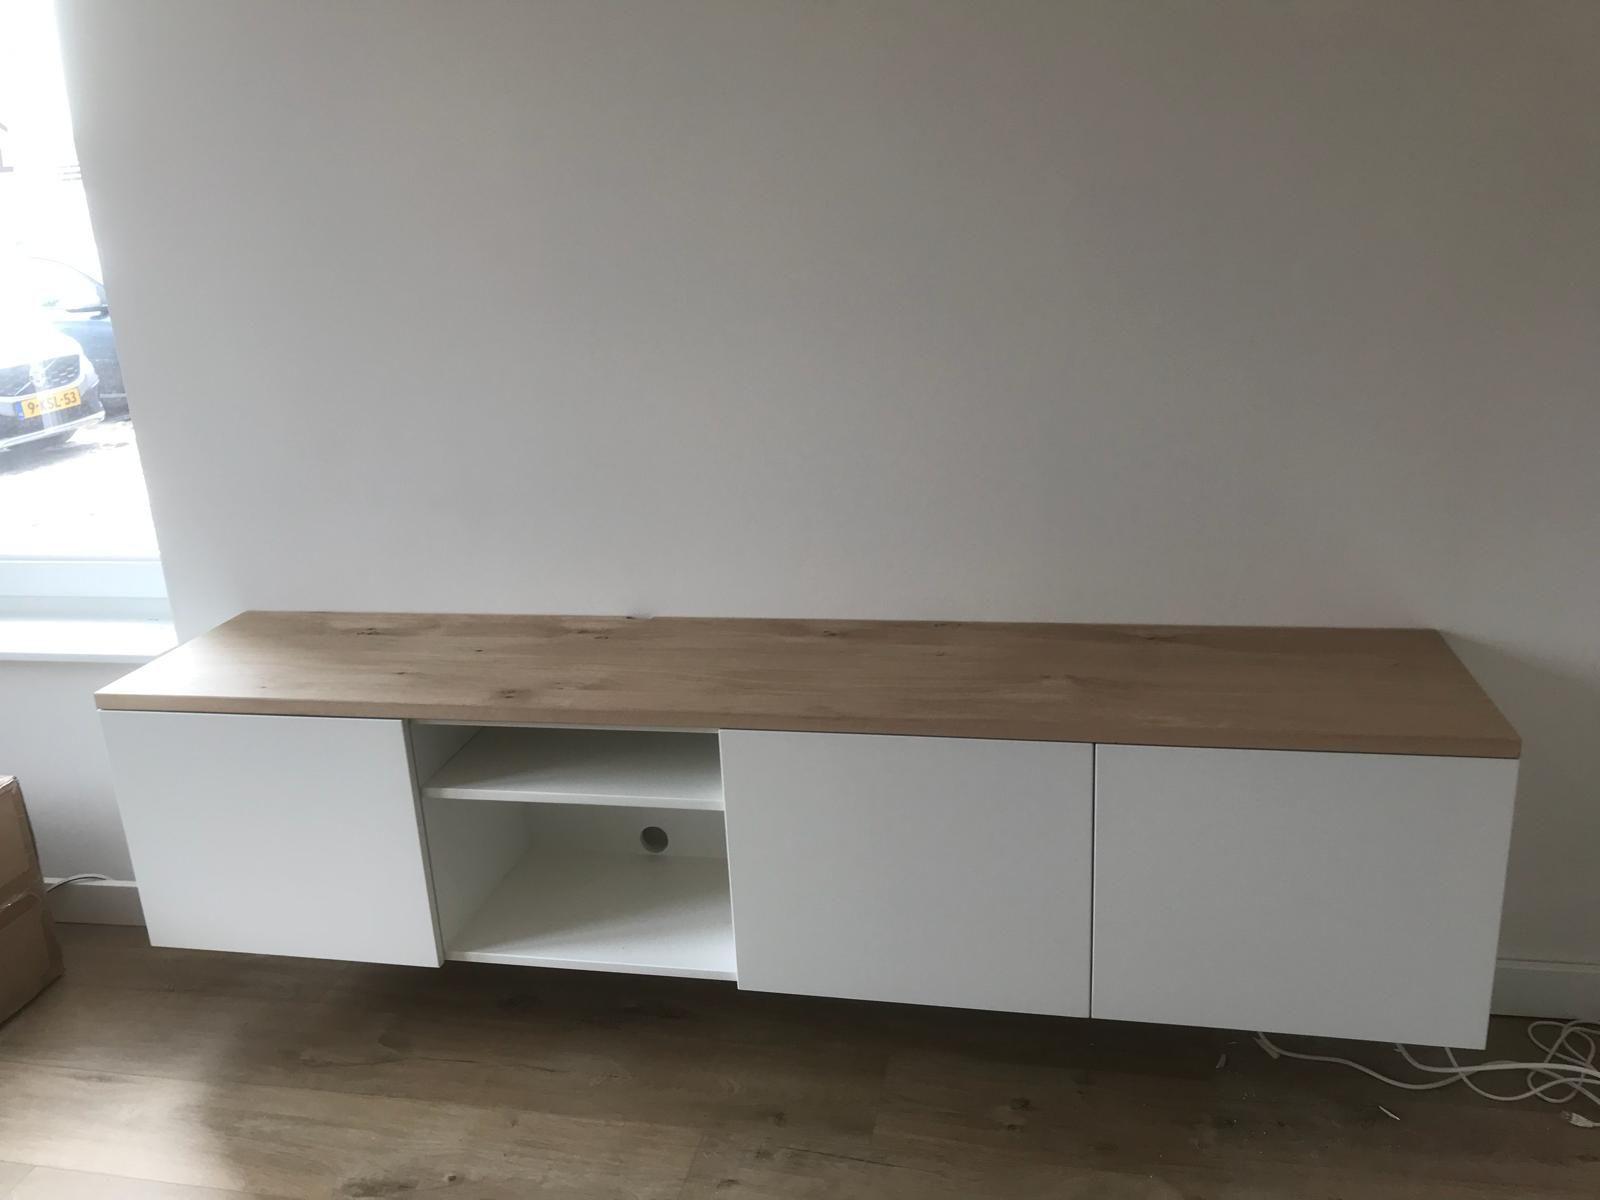 Tv Meubel Design Eiken.Tv Kast Zwevend Strak Modern Design Met Eiken Blad Decoratie In